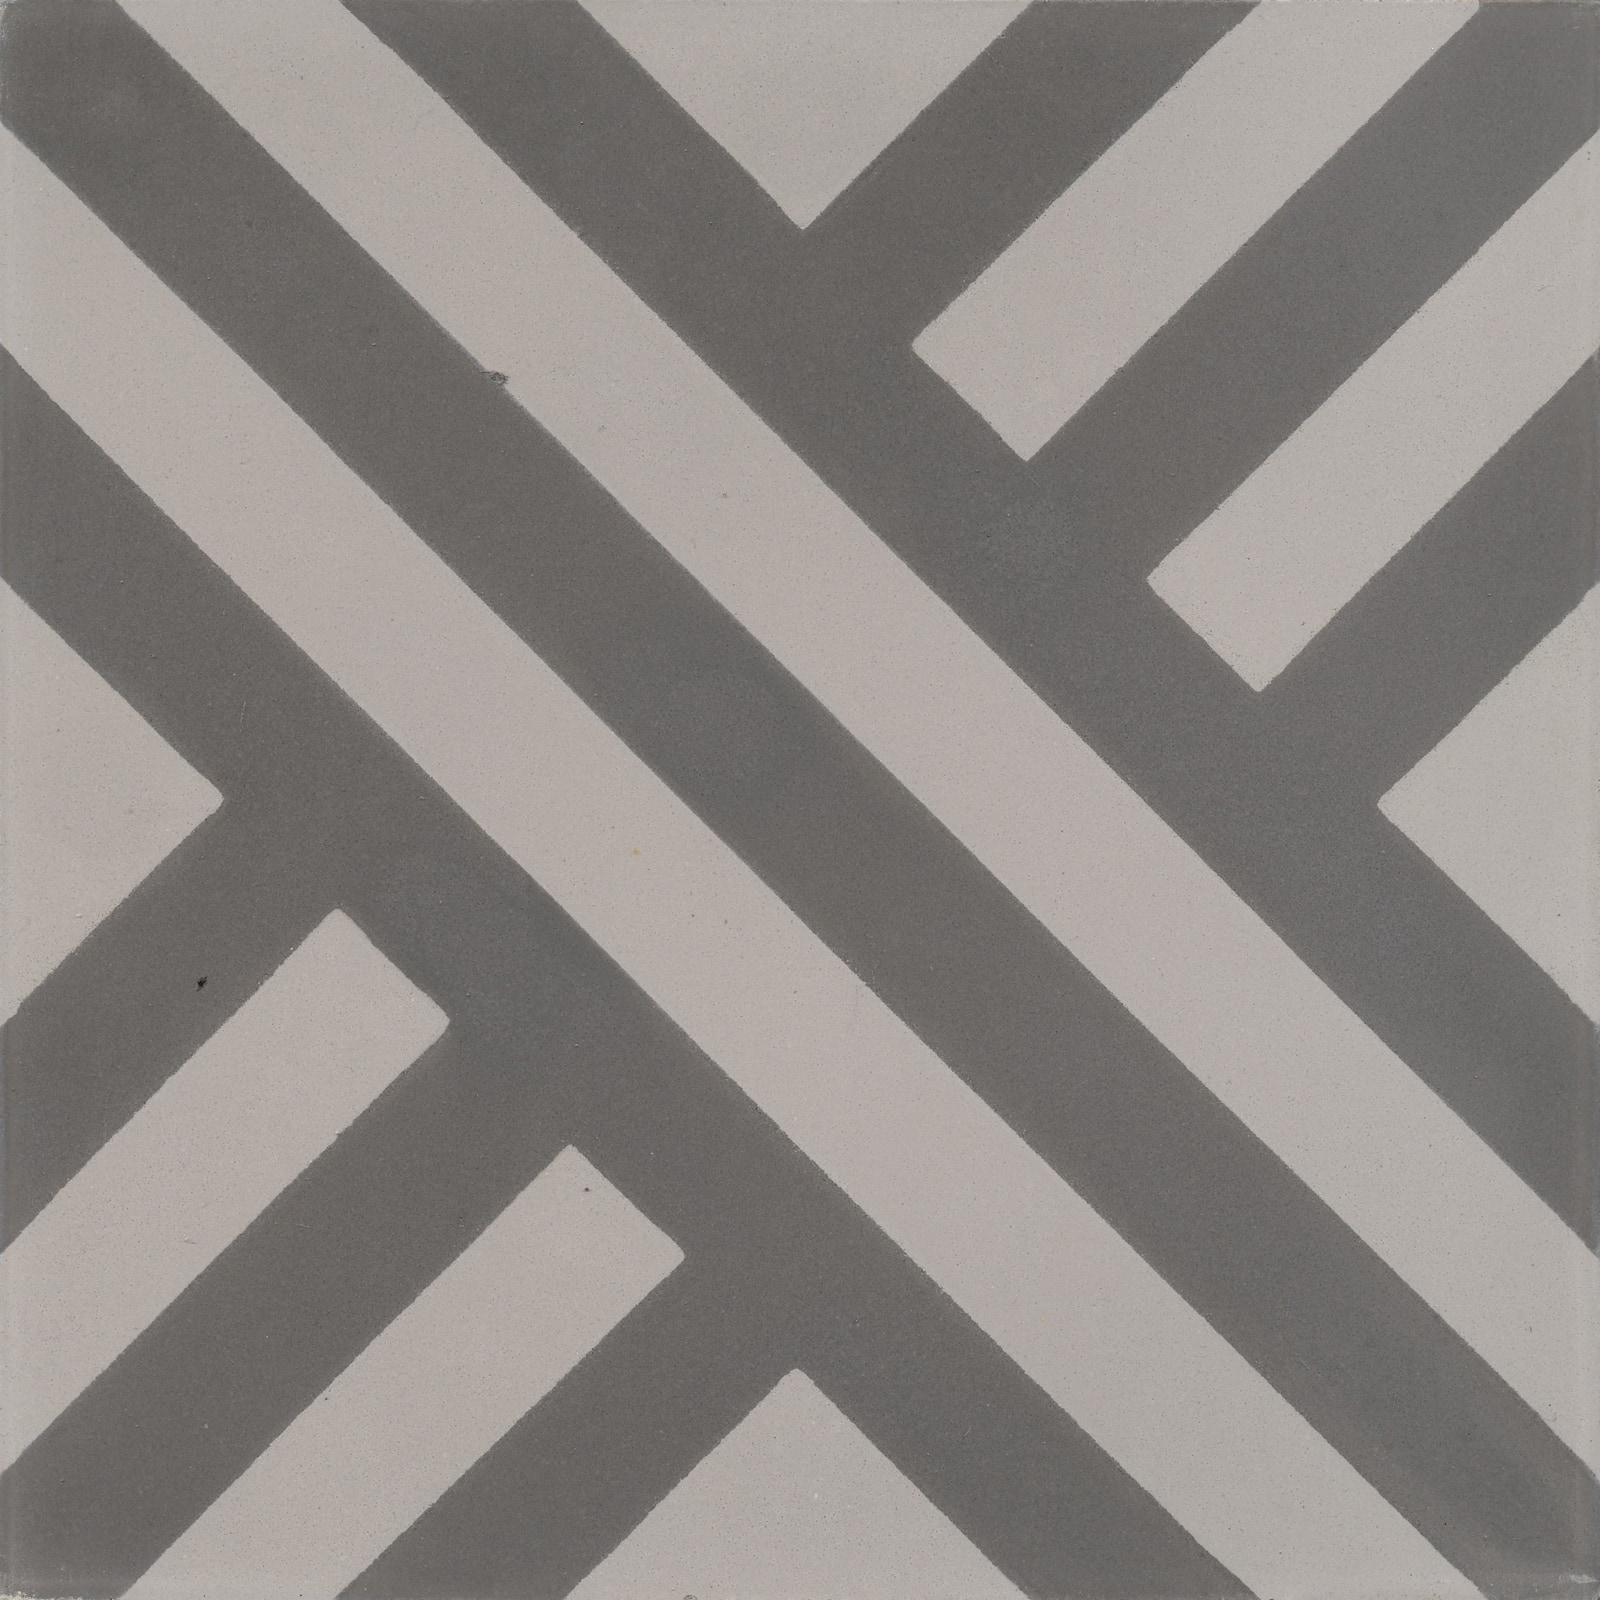 zementmosaikfliesen-nr.1485261-viaplatten | 1485261